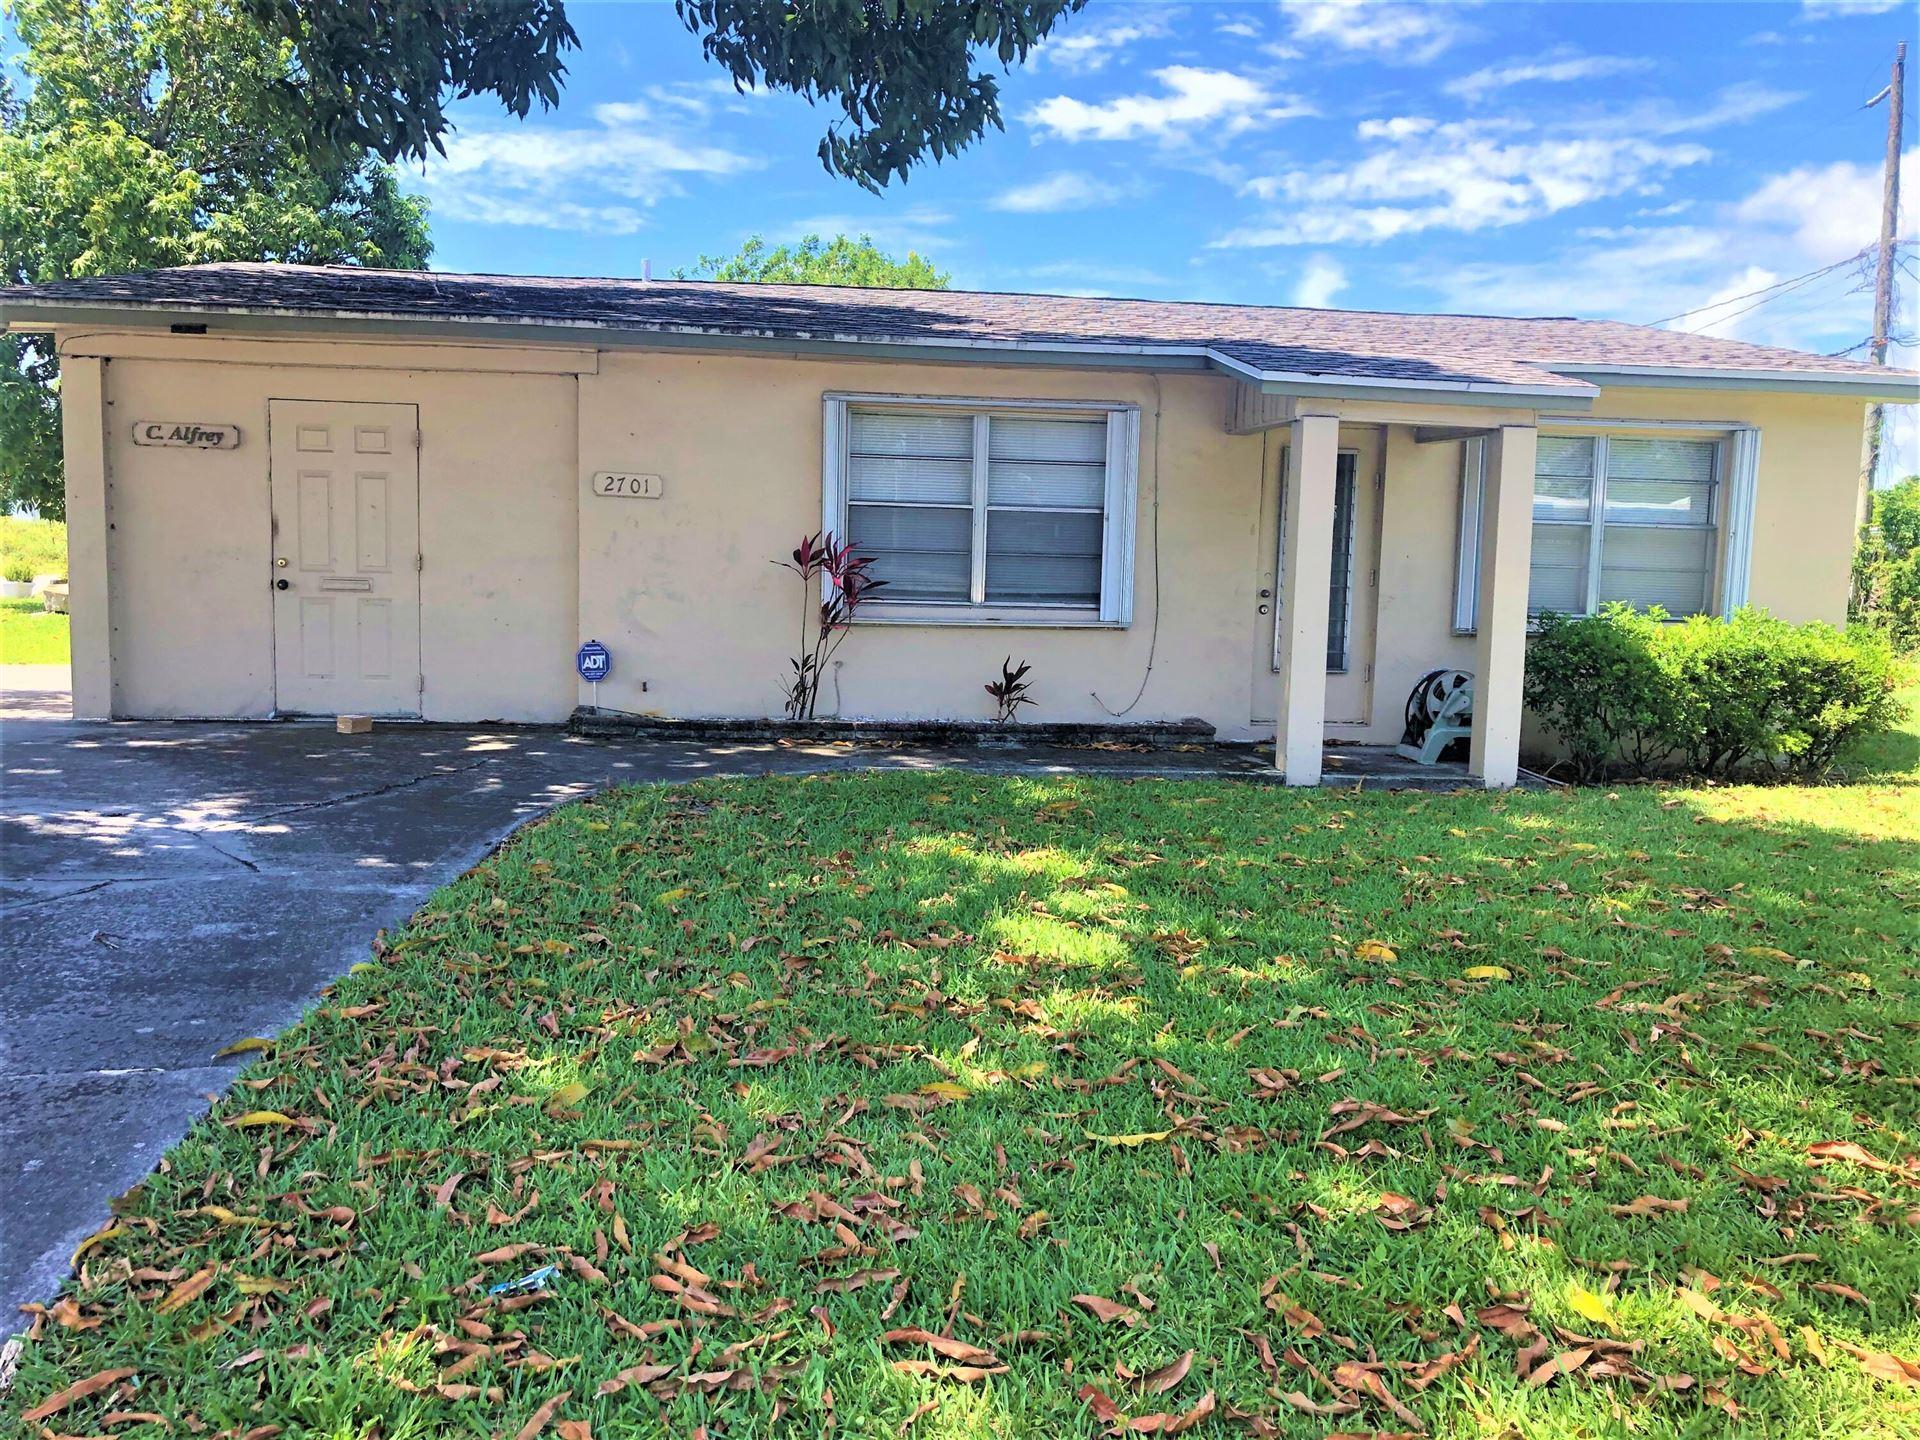 2701 10th Avenue N, Lake Worth, FL 33461 - #: RX-10719181